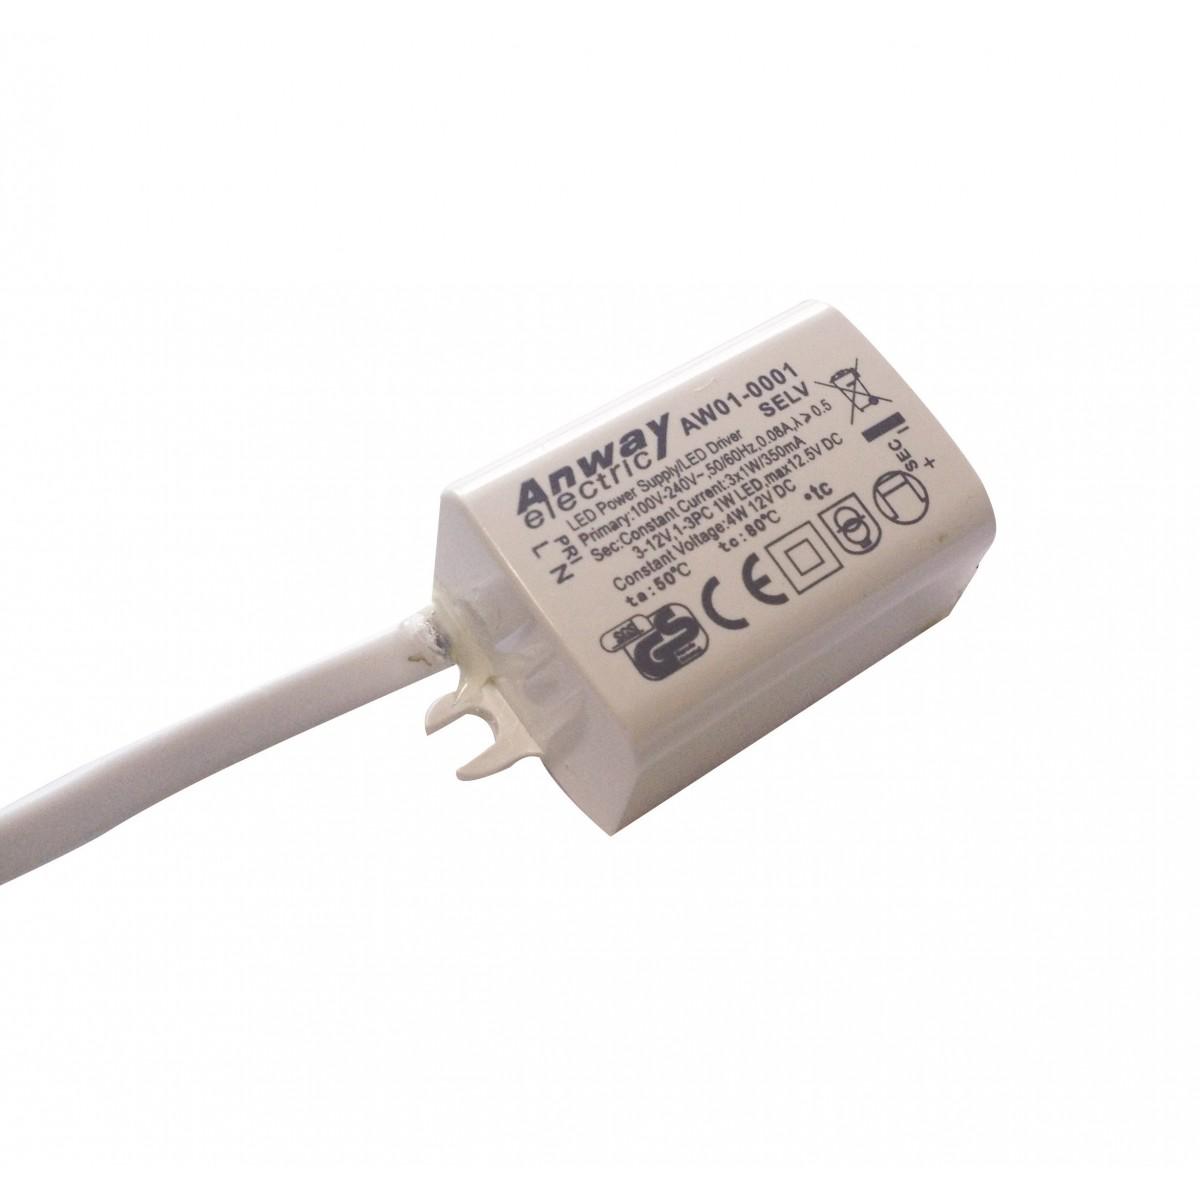 I-DRIVER / 3W-IP67 - Alimentation du pilote à courant constant étanche 3 watts